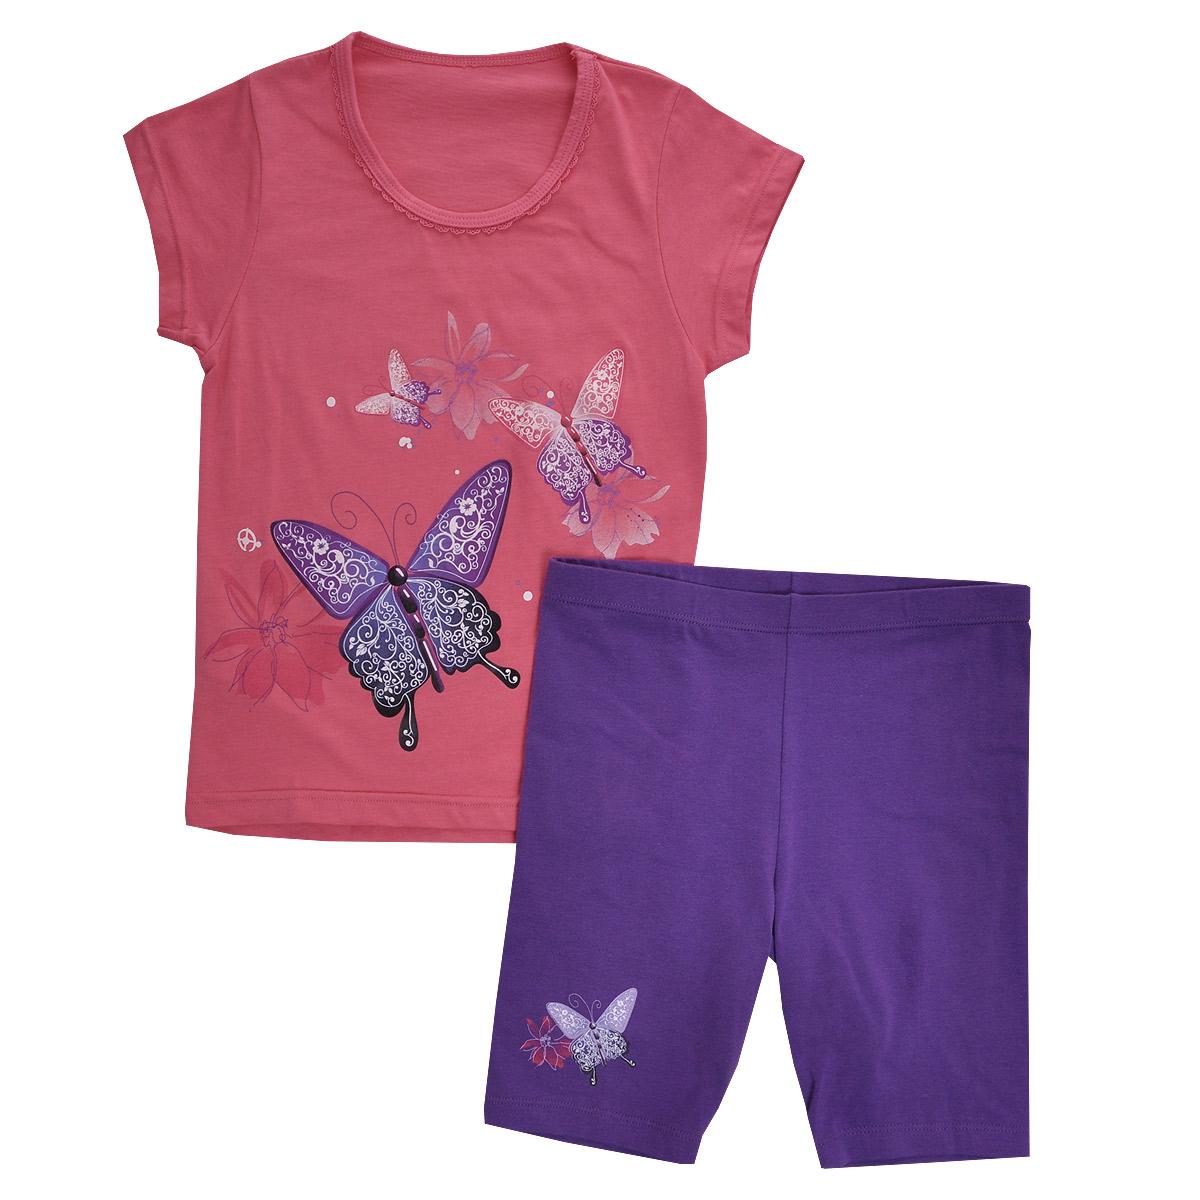 Комплект для девочки Lowry: футболка, шорты, цвет: розовый, сиреневый. GF/GL-252. Размер 34 (XL)GF/GL-252Комплект для девочки Lowry, состоящий из футболки и шорт, идеально подойдет вашей малышке. Изготовленный из натурального хлопка, он необычайно мягкий и приятный на ощупь, не сковывает движения малышки и позволяет коже дышать, не раздражает даже самую нежную и чувствительную кожу ребенка, обеспечивая ему наибольший комфорт. Футболка с короткими рукавами и круглым вырезом горловины спереди оформлена яркой термоаппликацией с изображением бабочек. Вырез горловины украшен ажурными рюшами.Шортики на талии имеют широкую эластичную резинку, благодаря чему они не сдавливают животик ребенка и не сползают. Правая брючина оформлена термоаппликацией с изображением бабочки и цветочка.Оригинальный дизайн и модная расцветка делают этот комплект незаменимым предметом детского гардероба. В нем вашей маленькой принцессе будет комфортно и уютно, и она всегда будет в центре внимания!